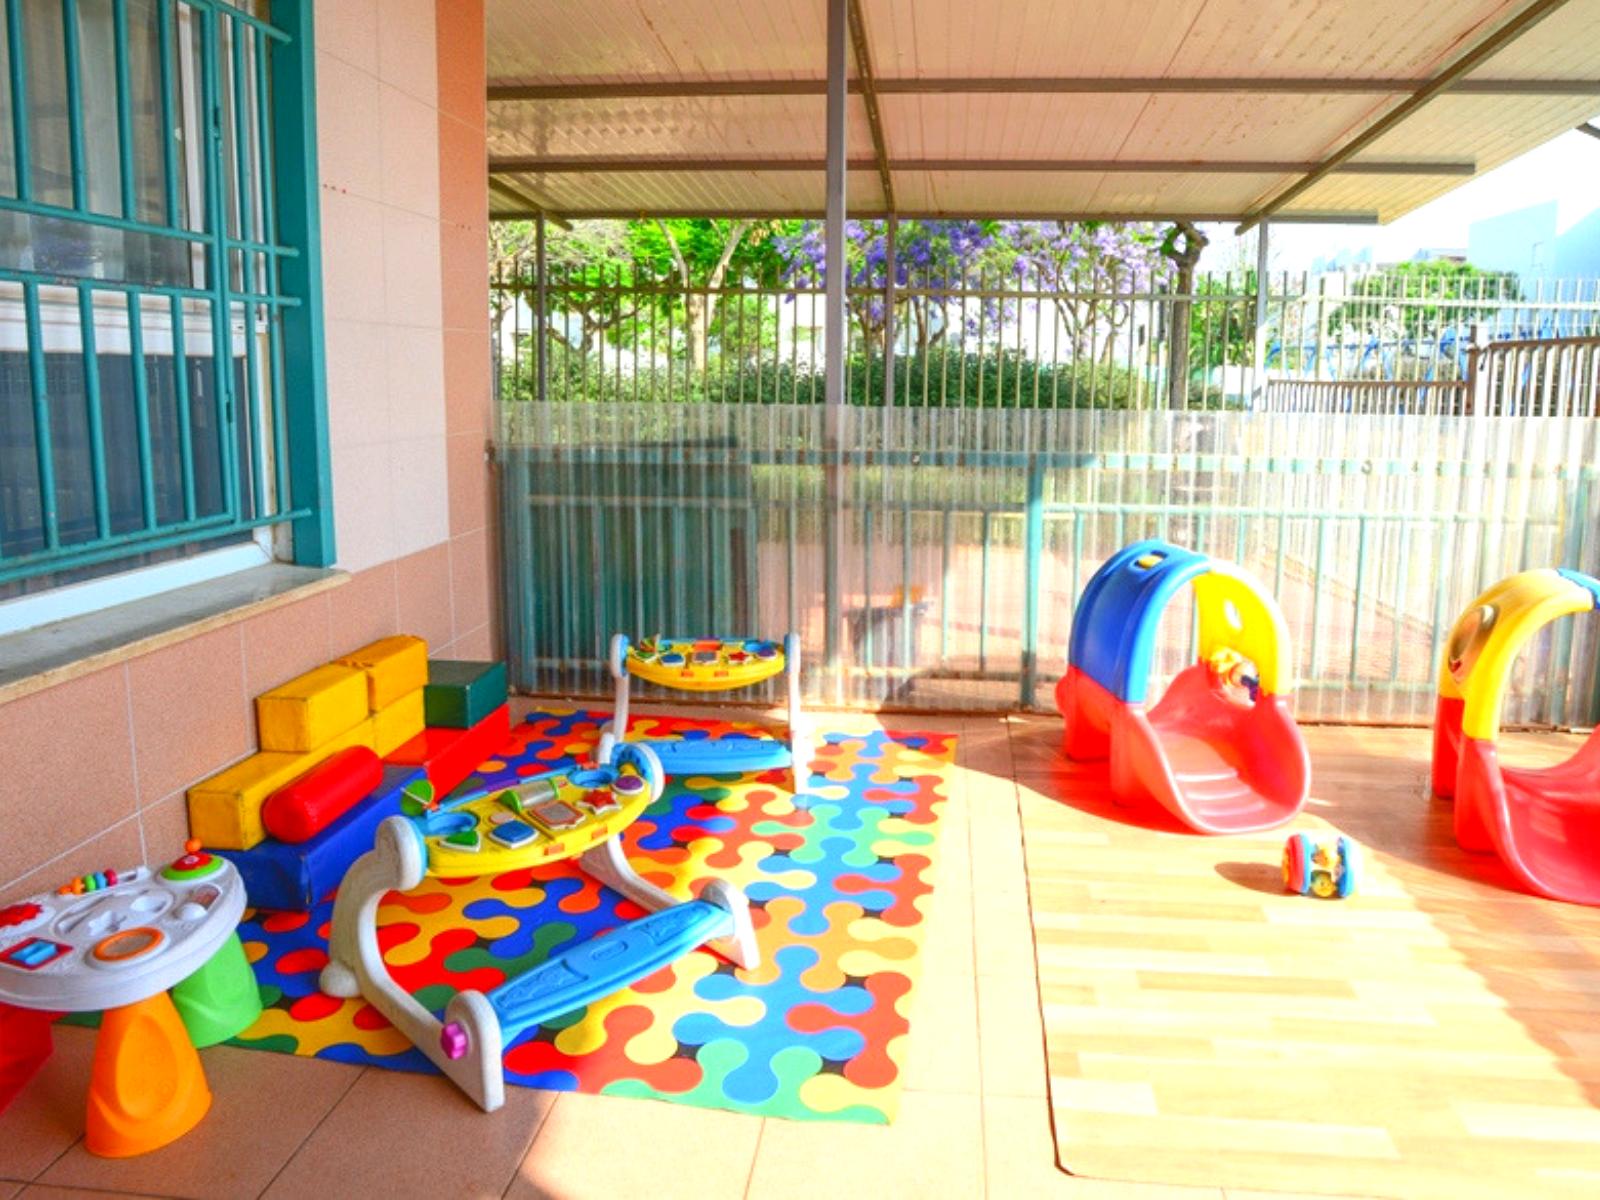 חצר-פנימית-לתינוקות-המעון